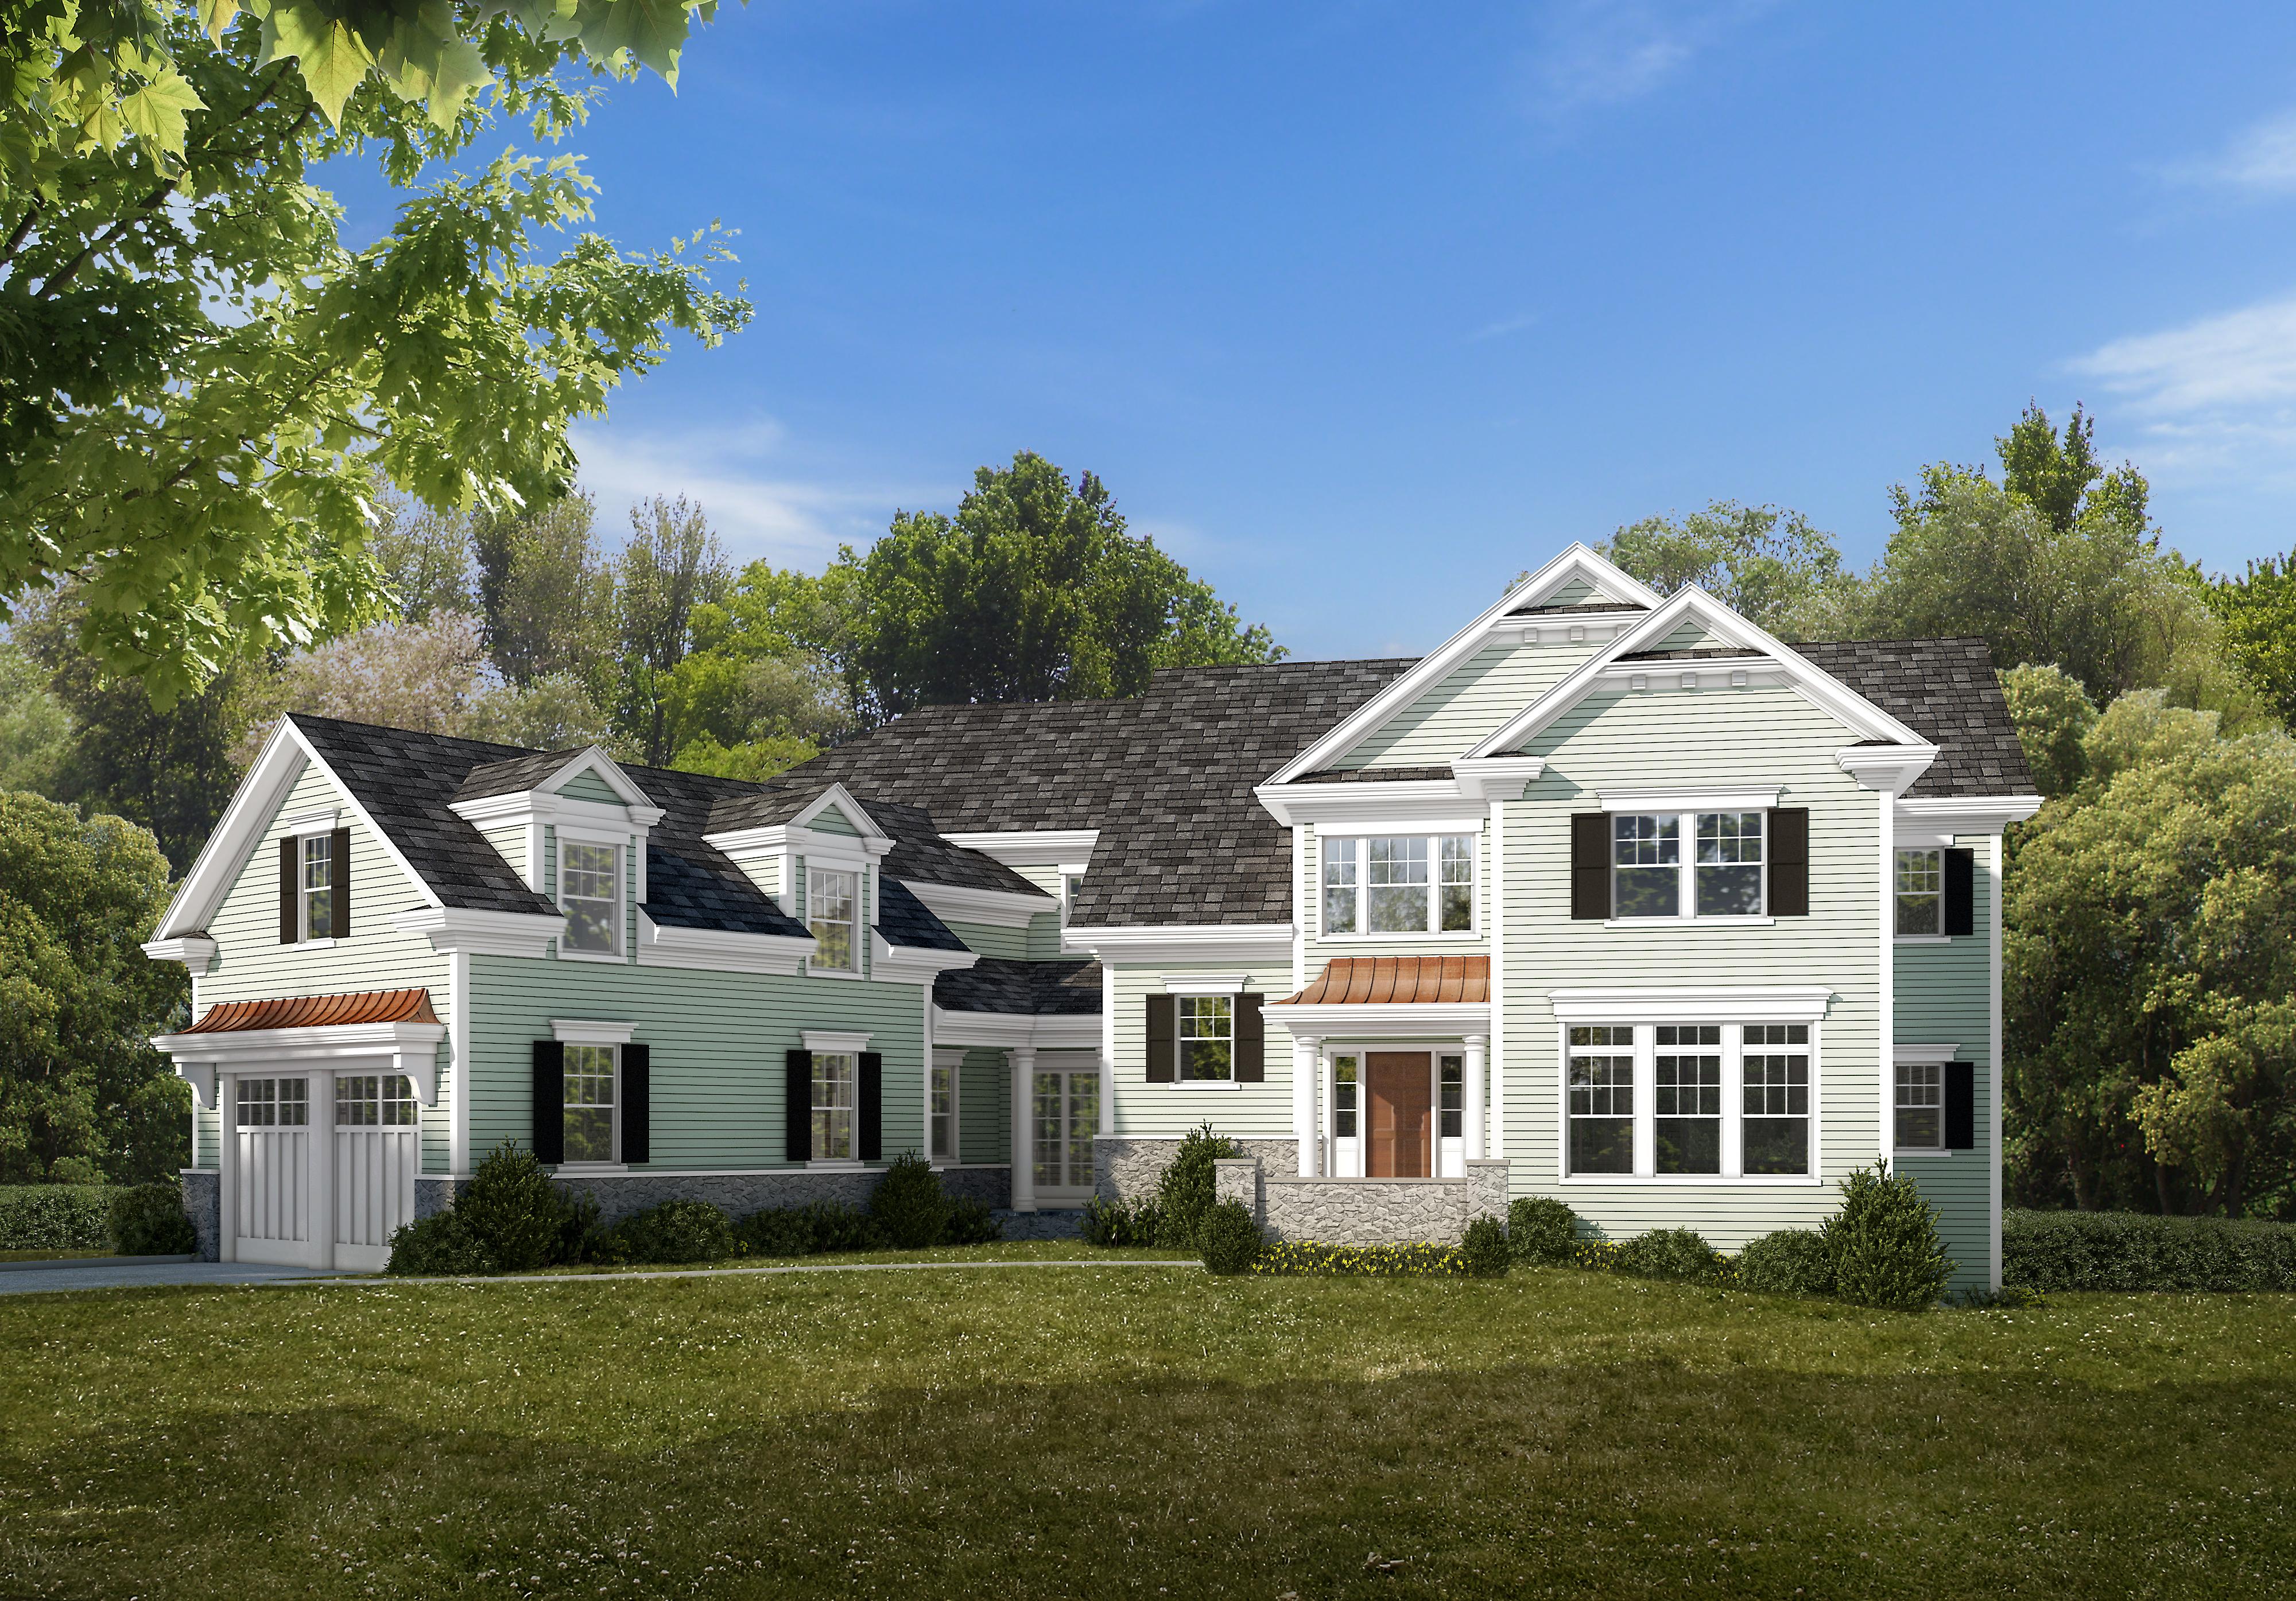 Casa Unifamiliar por un Venta en 11 Rural Drive Scarsdale, Nueva York 10583 Estados Unidos